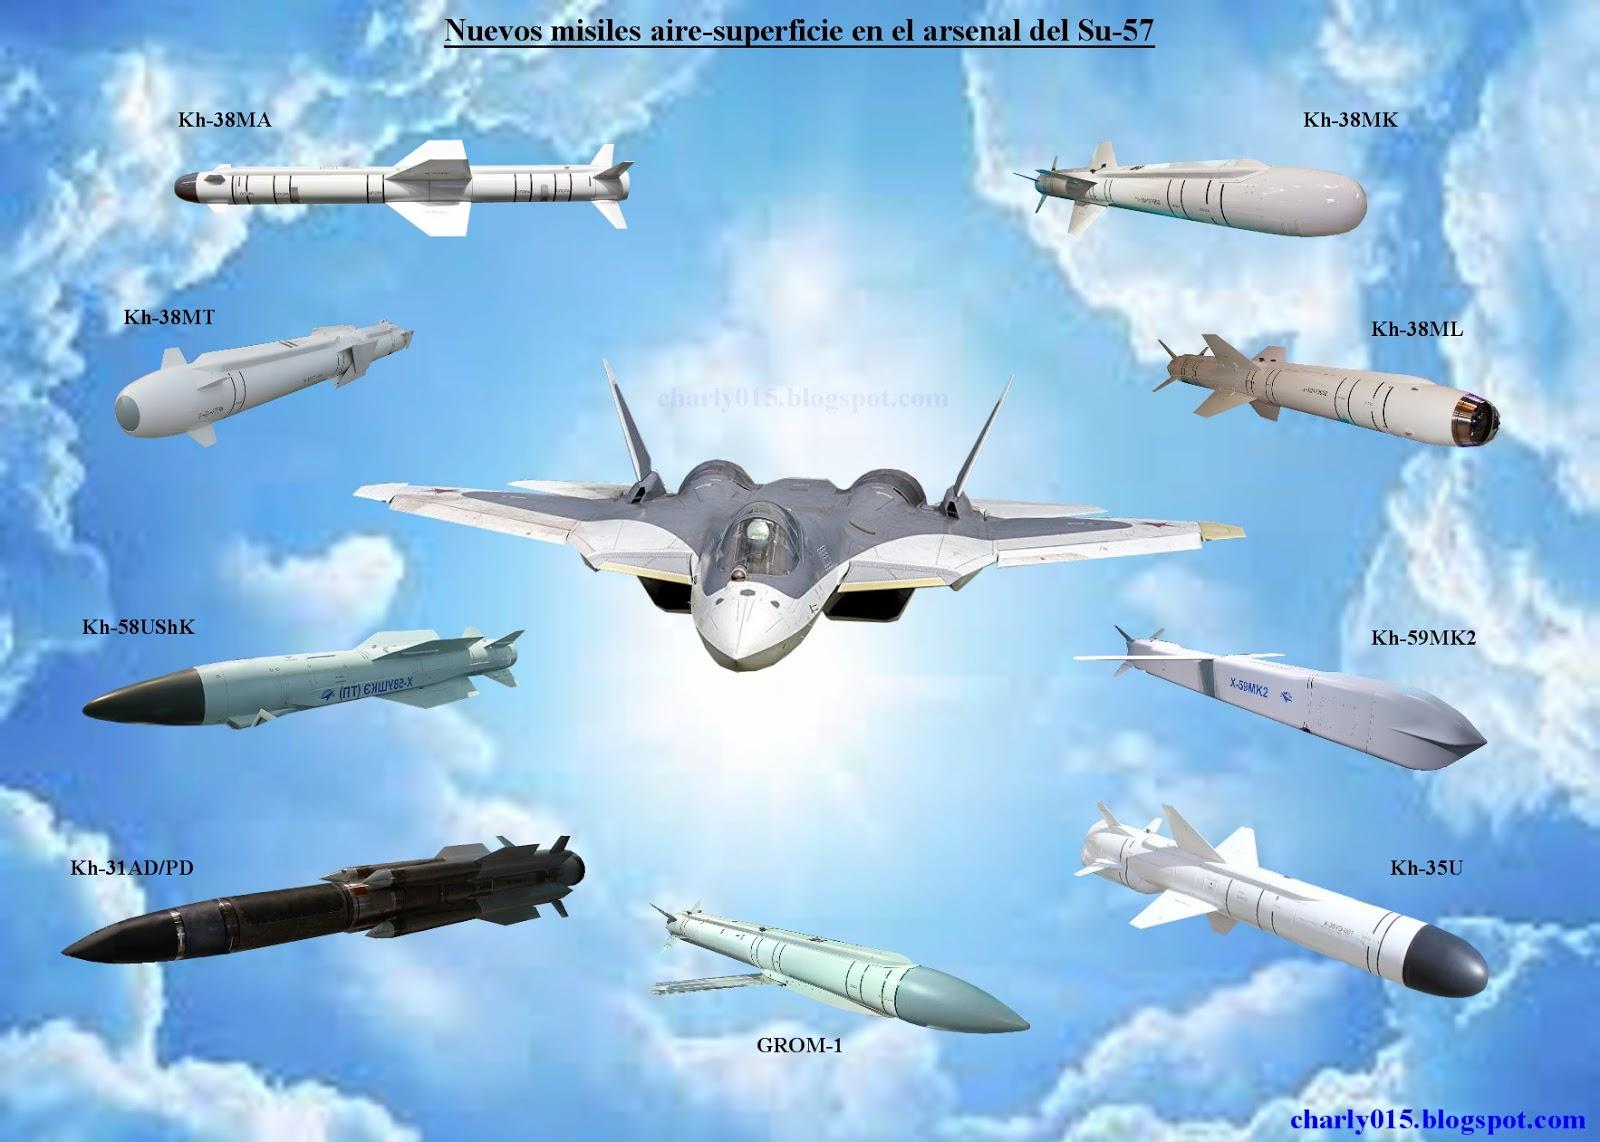 Su-57 Stealth Fighter: News #5 - Page 27 Su-57%2Barmamento%2Bmisiles%2Basm